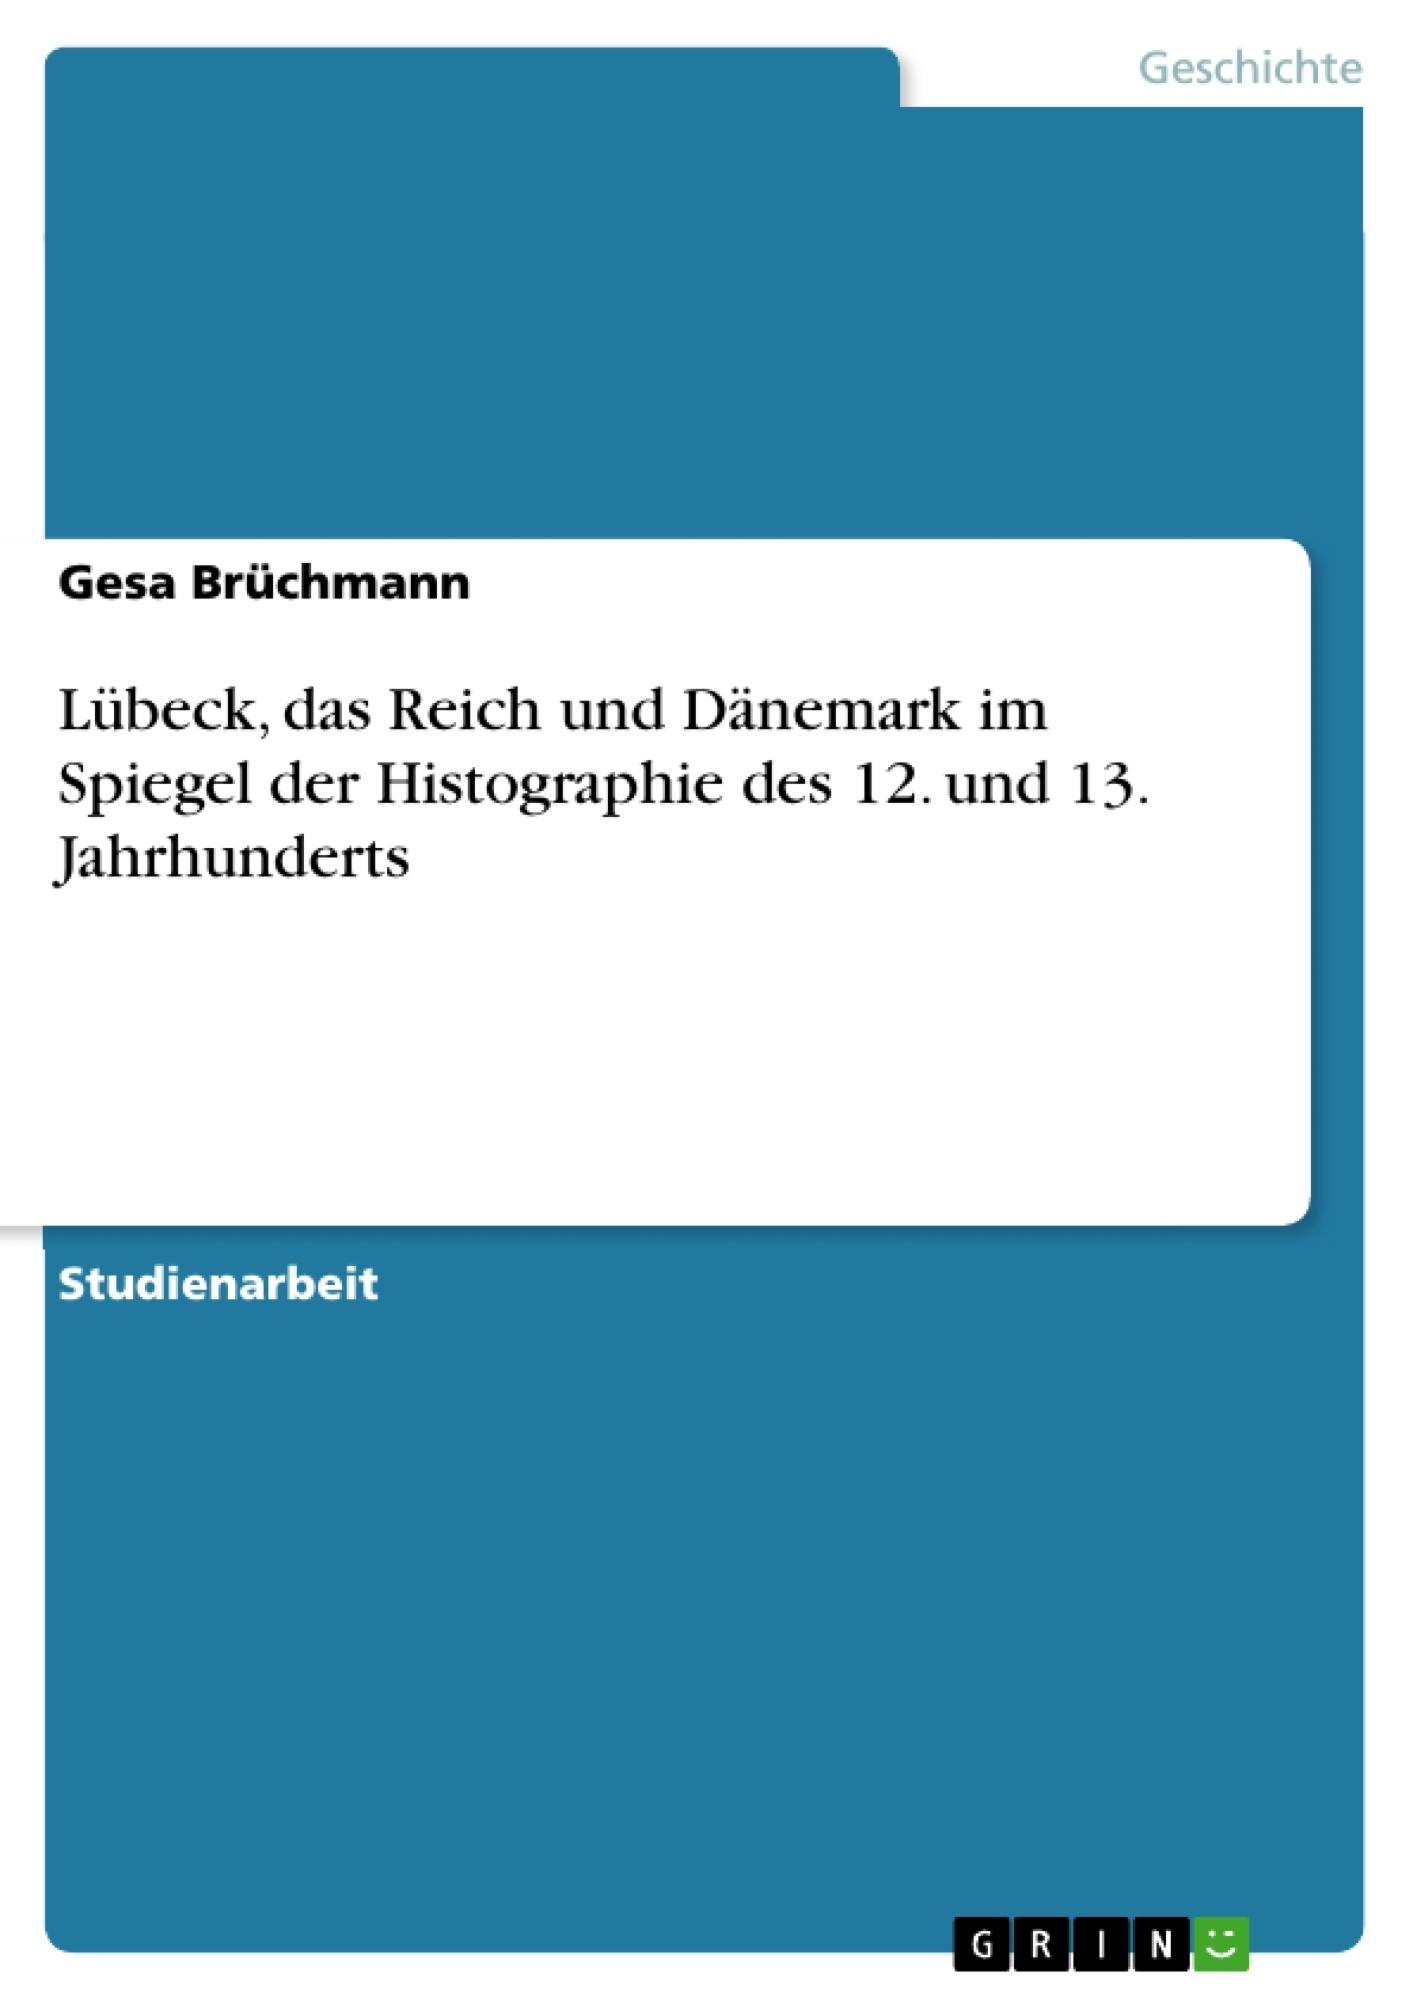 Titel: Lübeck, das Reich und Dänemark im Spiegel der Histographie des 12. und 13. Jahrhunderts